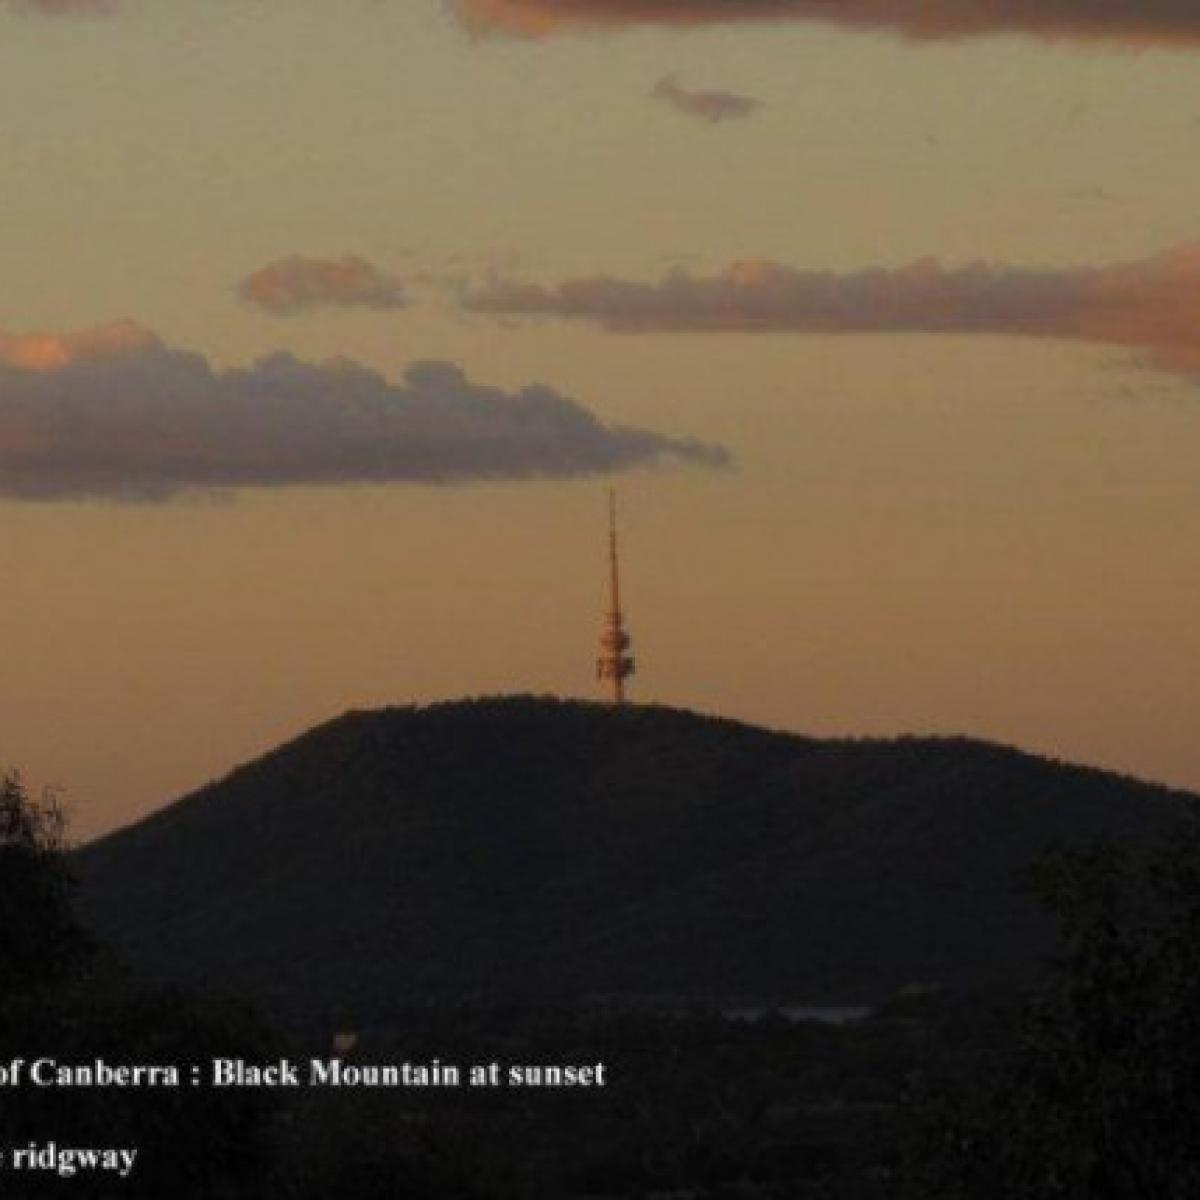 Black Mountain at Sunset